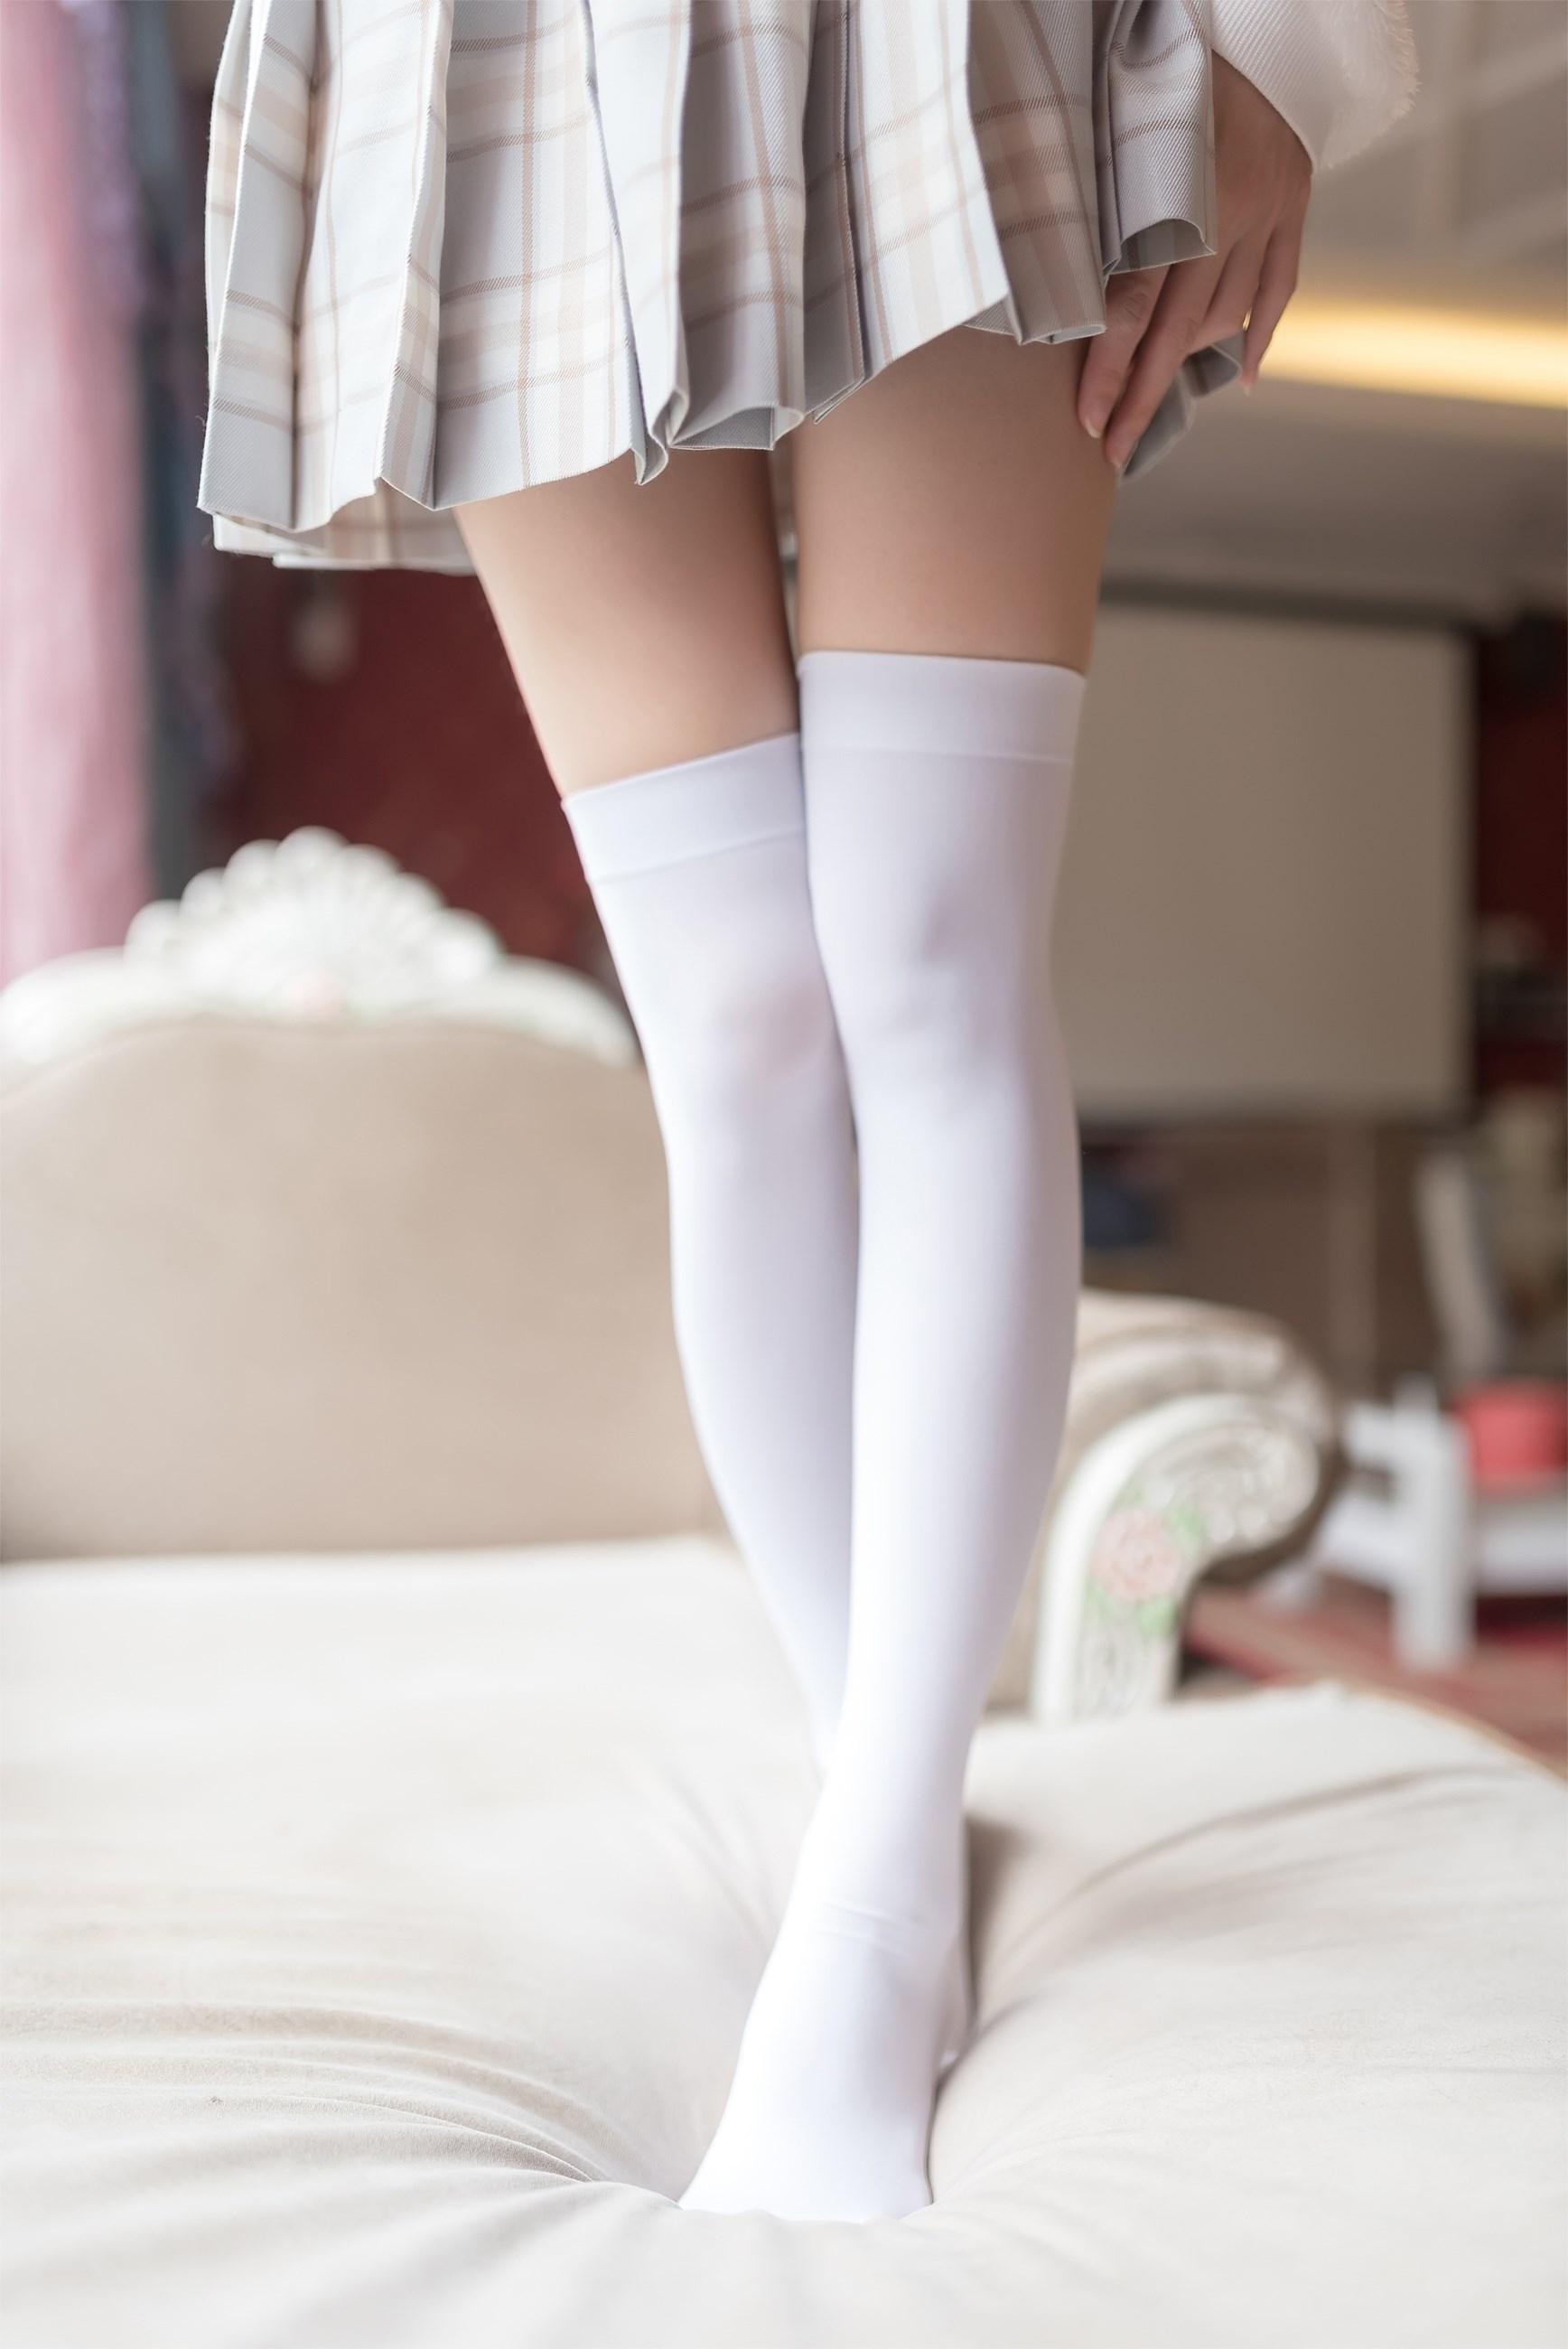 【兔玩映画】露肩少女 兔玩映画 第31张